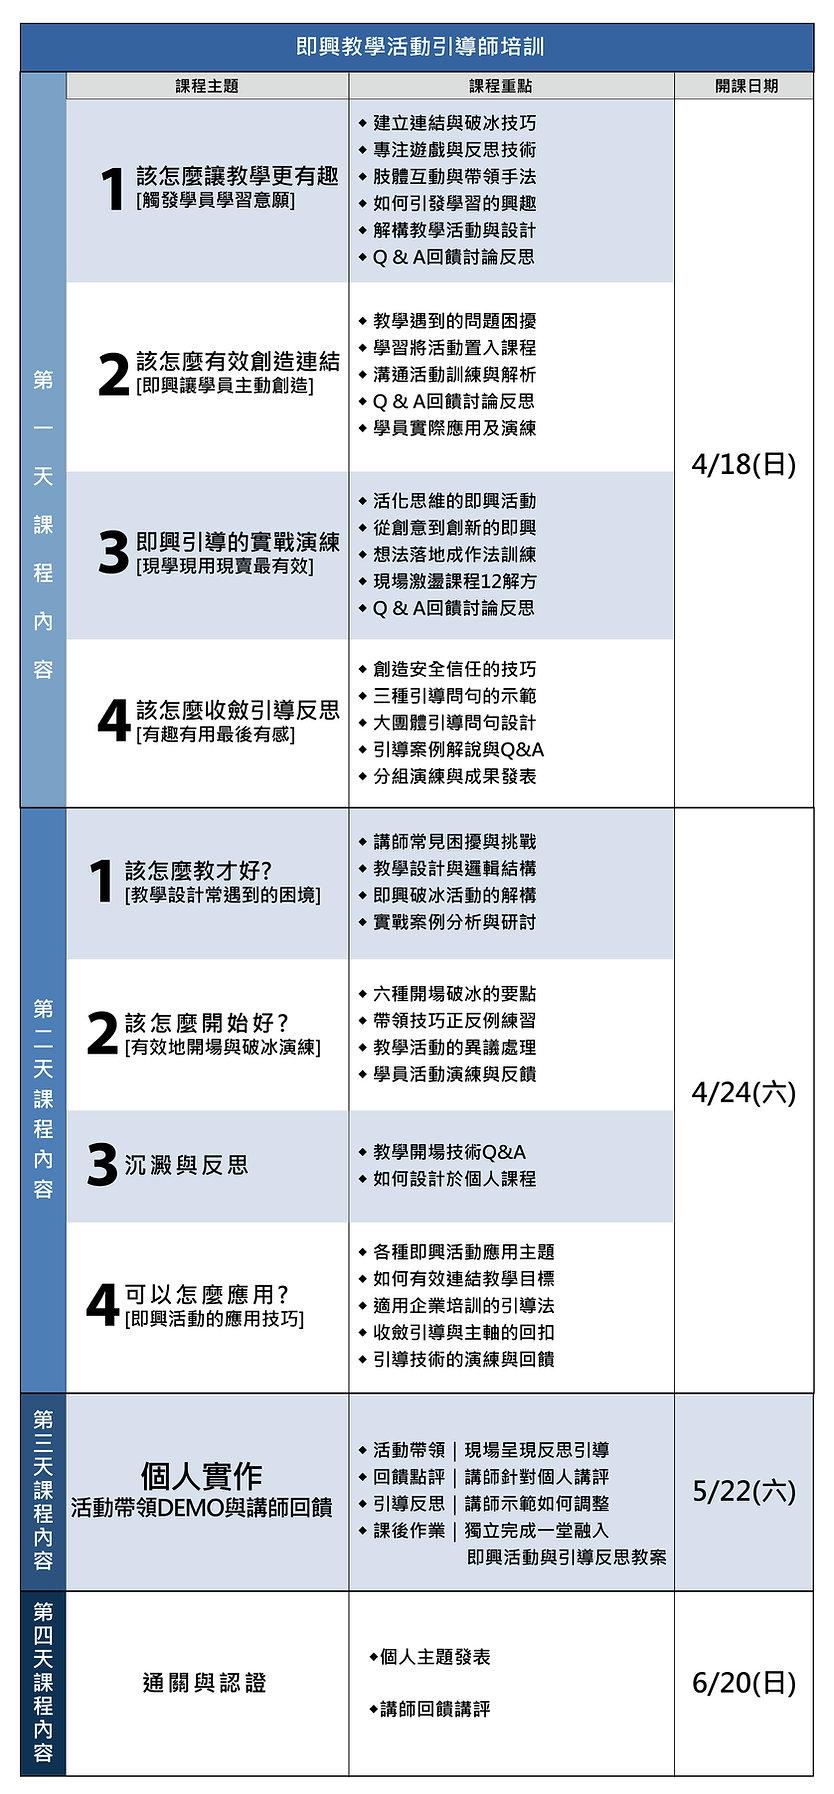 即興教學活動引導師_第二期課程時間表.jpg